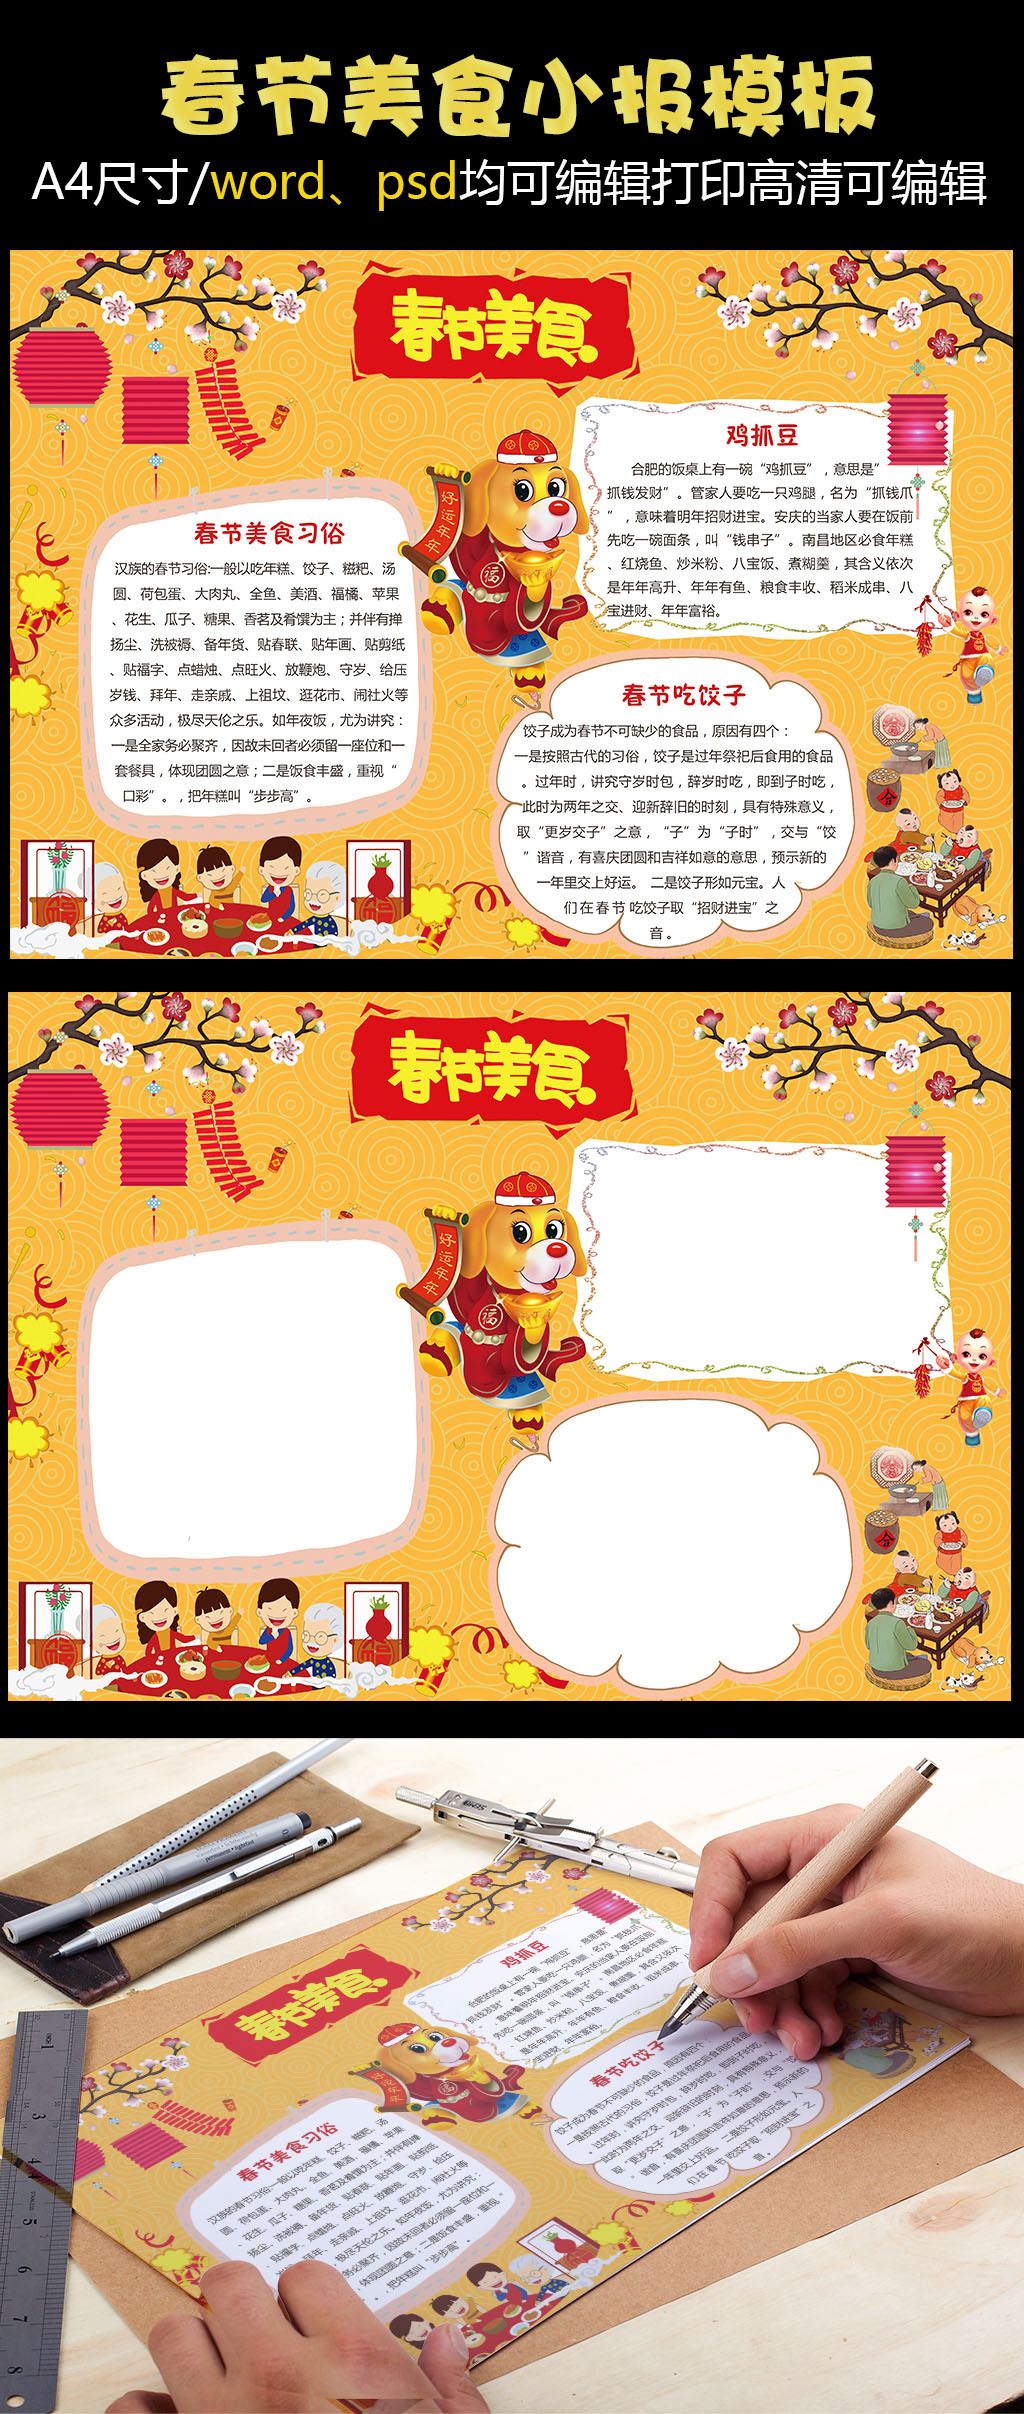 春节美食小报新年饮食文化手抄报